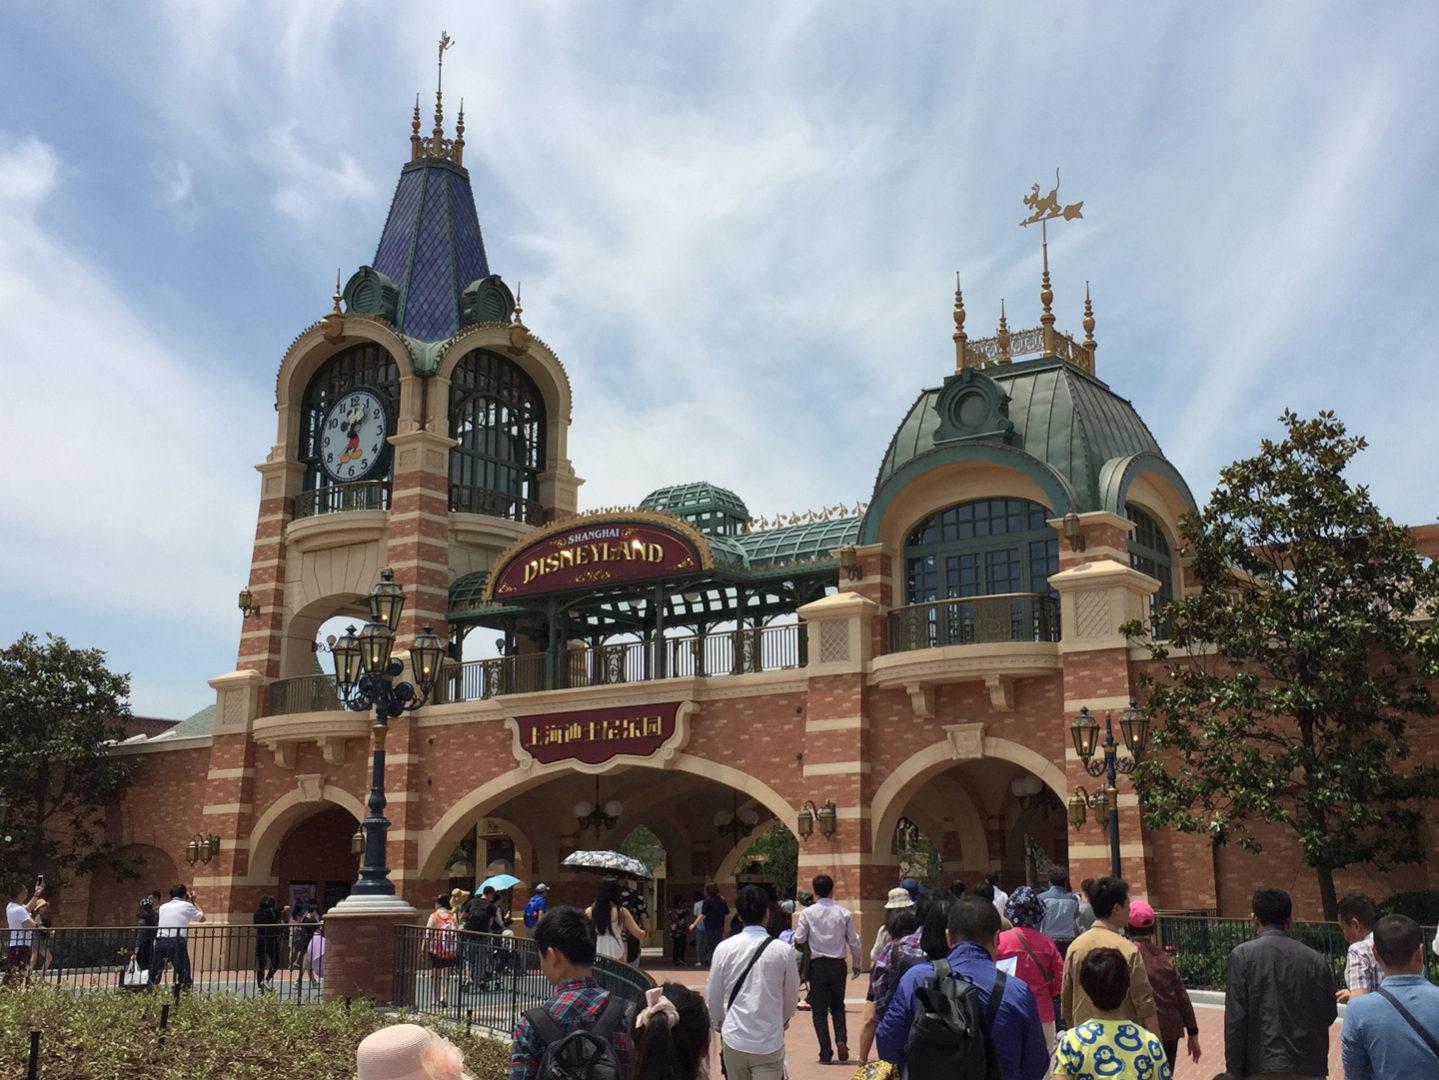 Shanghai Disneyland insiders look